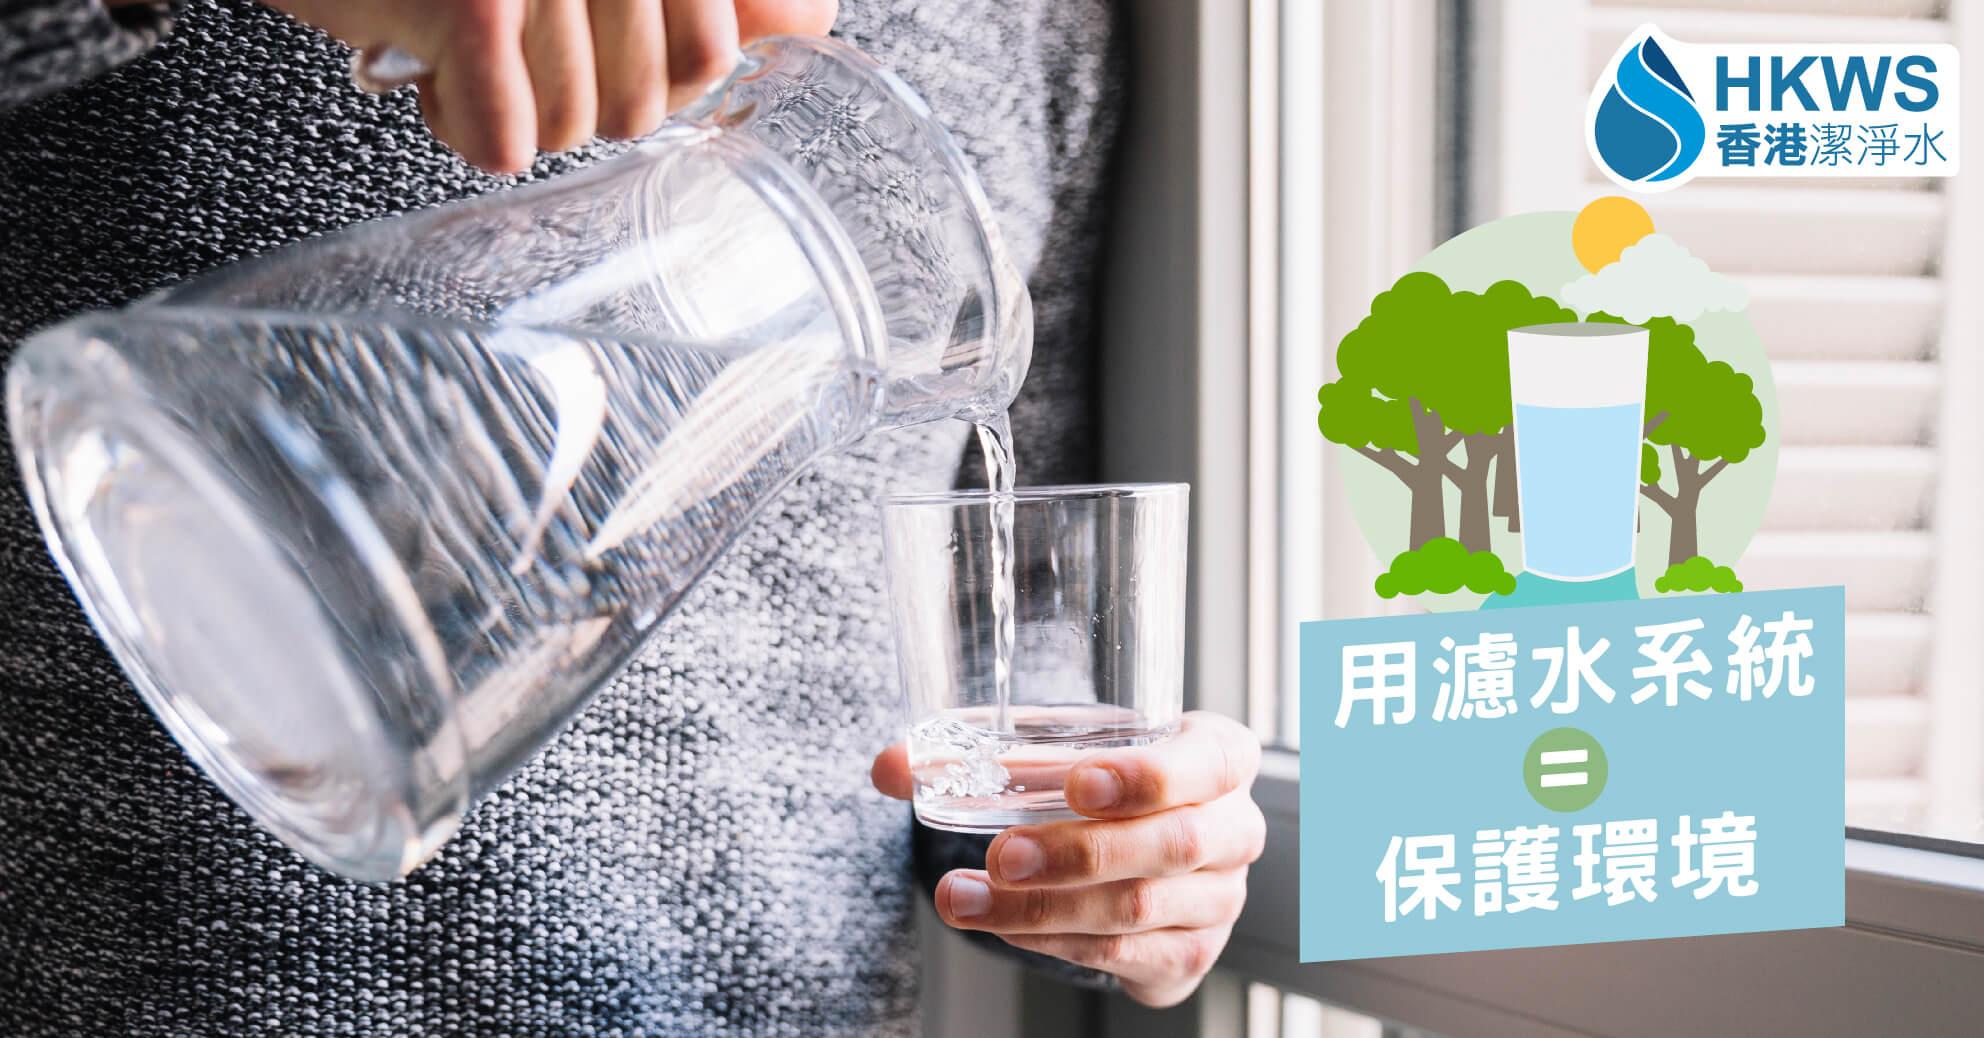 用濾水系統竟然可以保護環境?